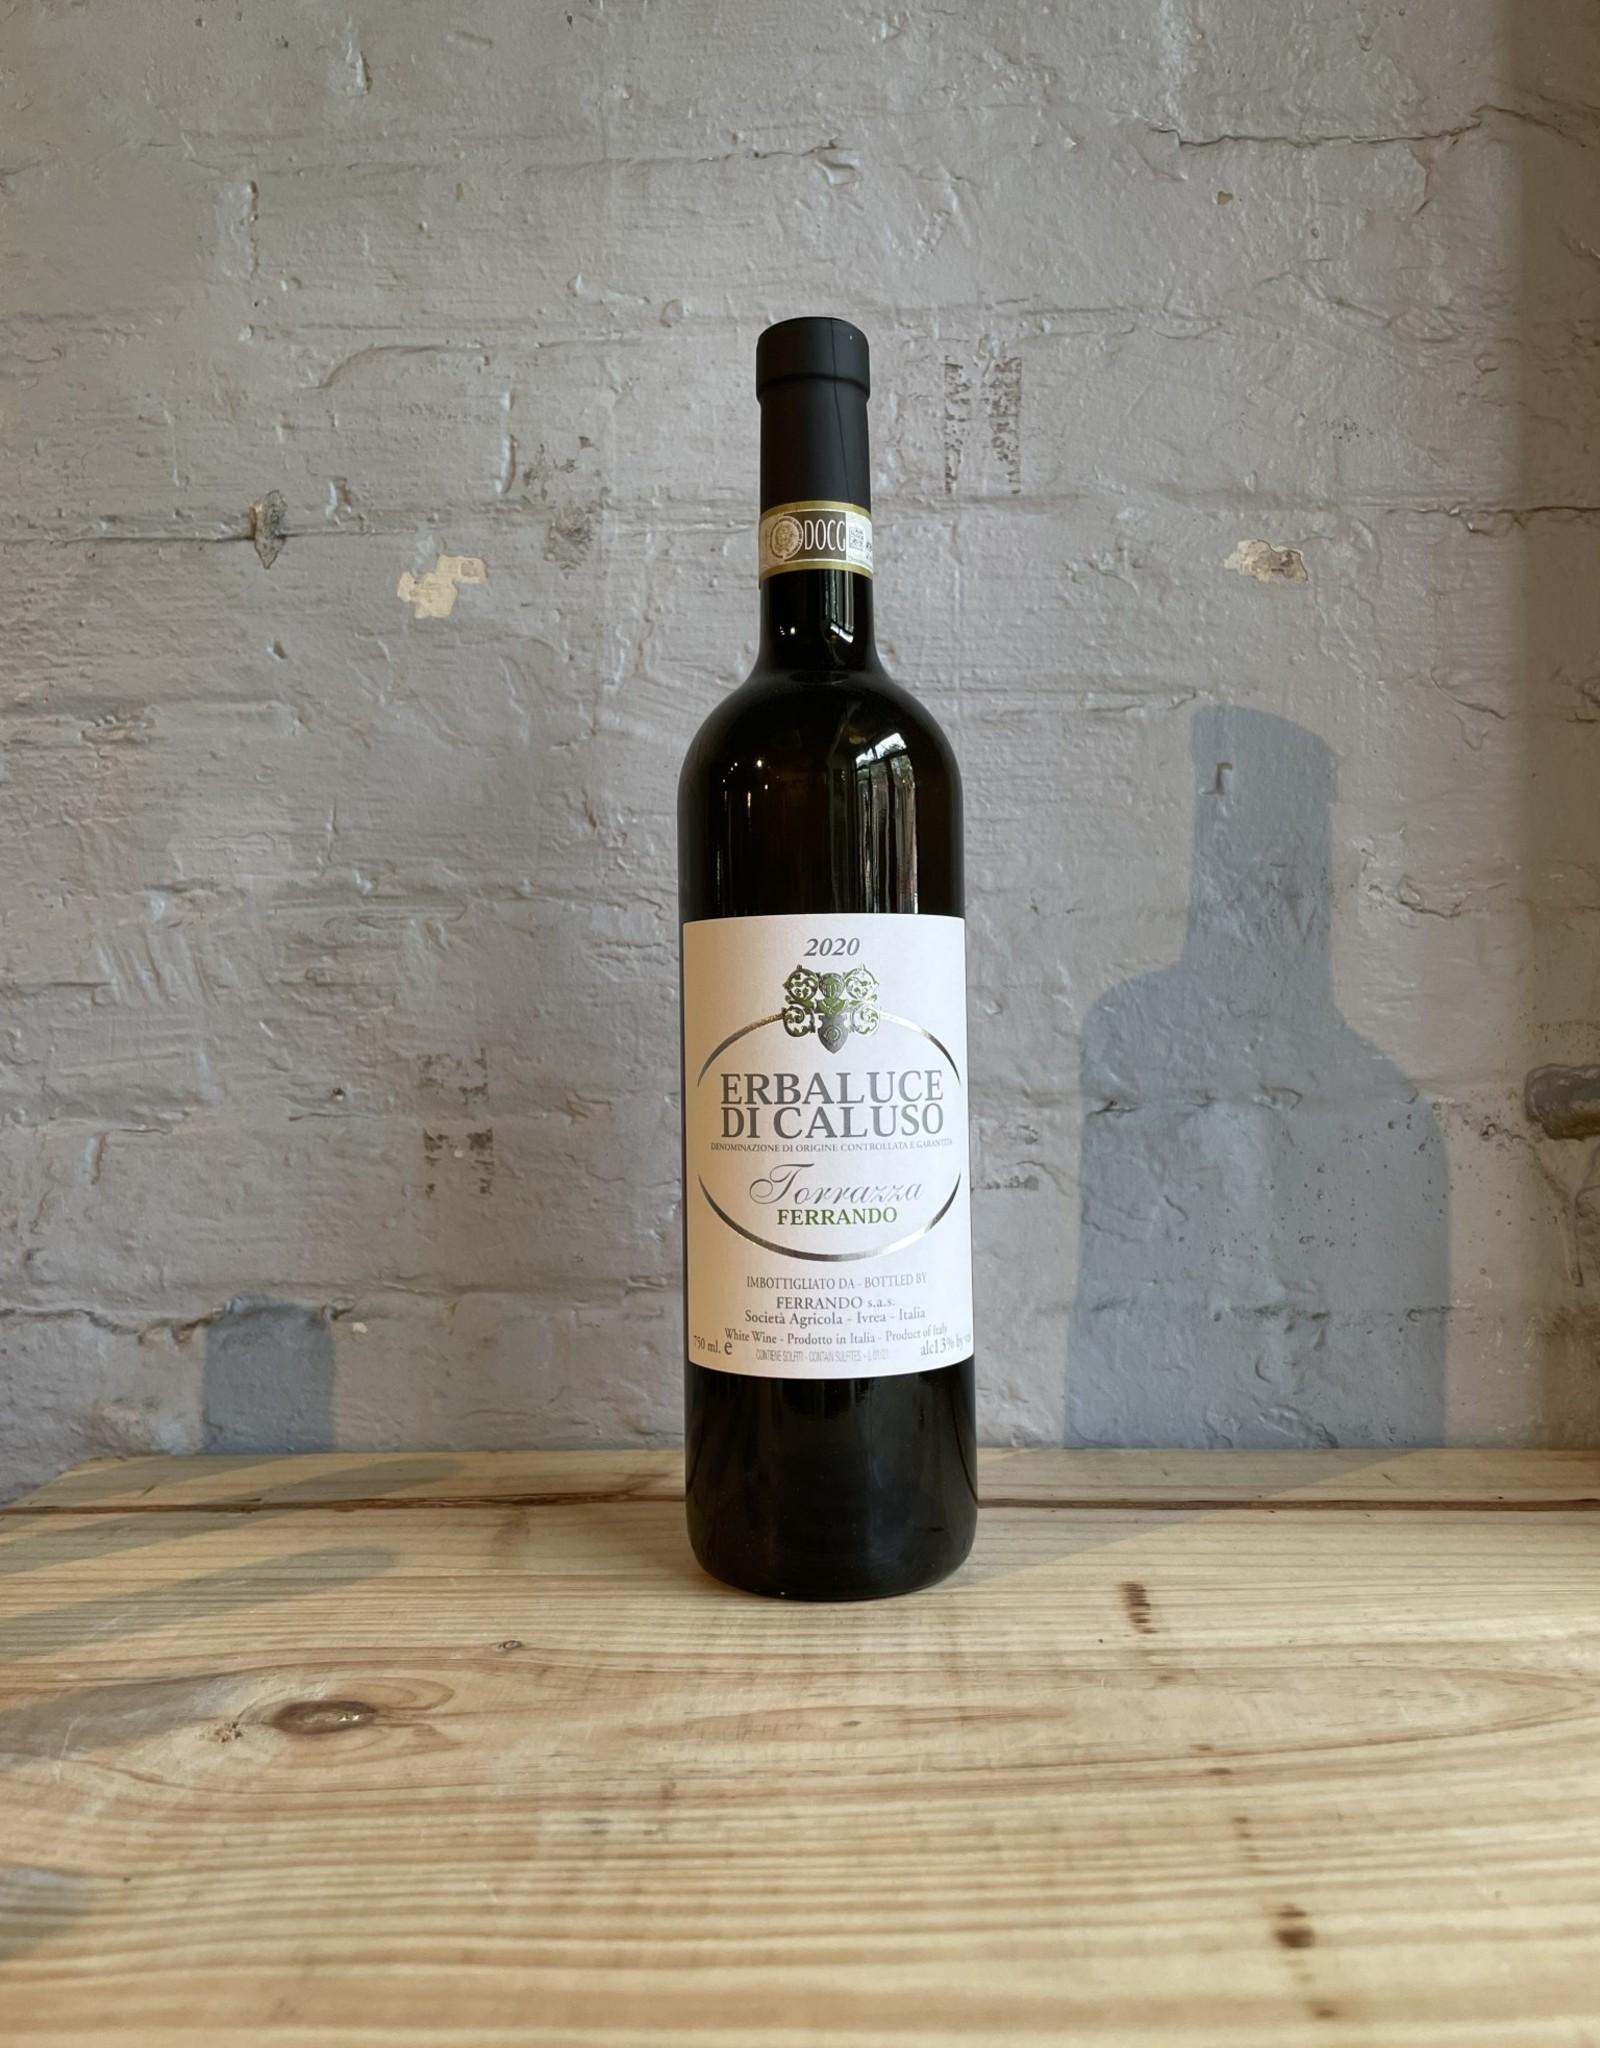 Wine 2020 Ferrando Erbaluce di Caluso Torrazza - Piedmont, Italy (750ml)